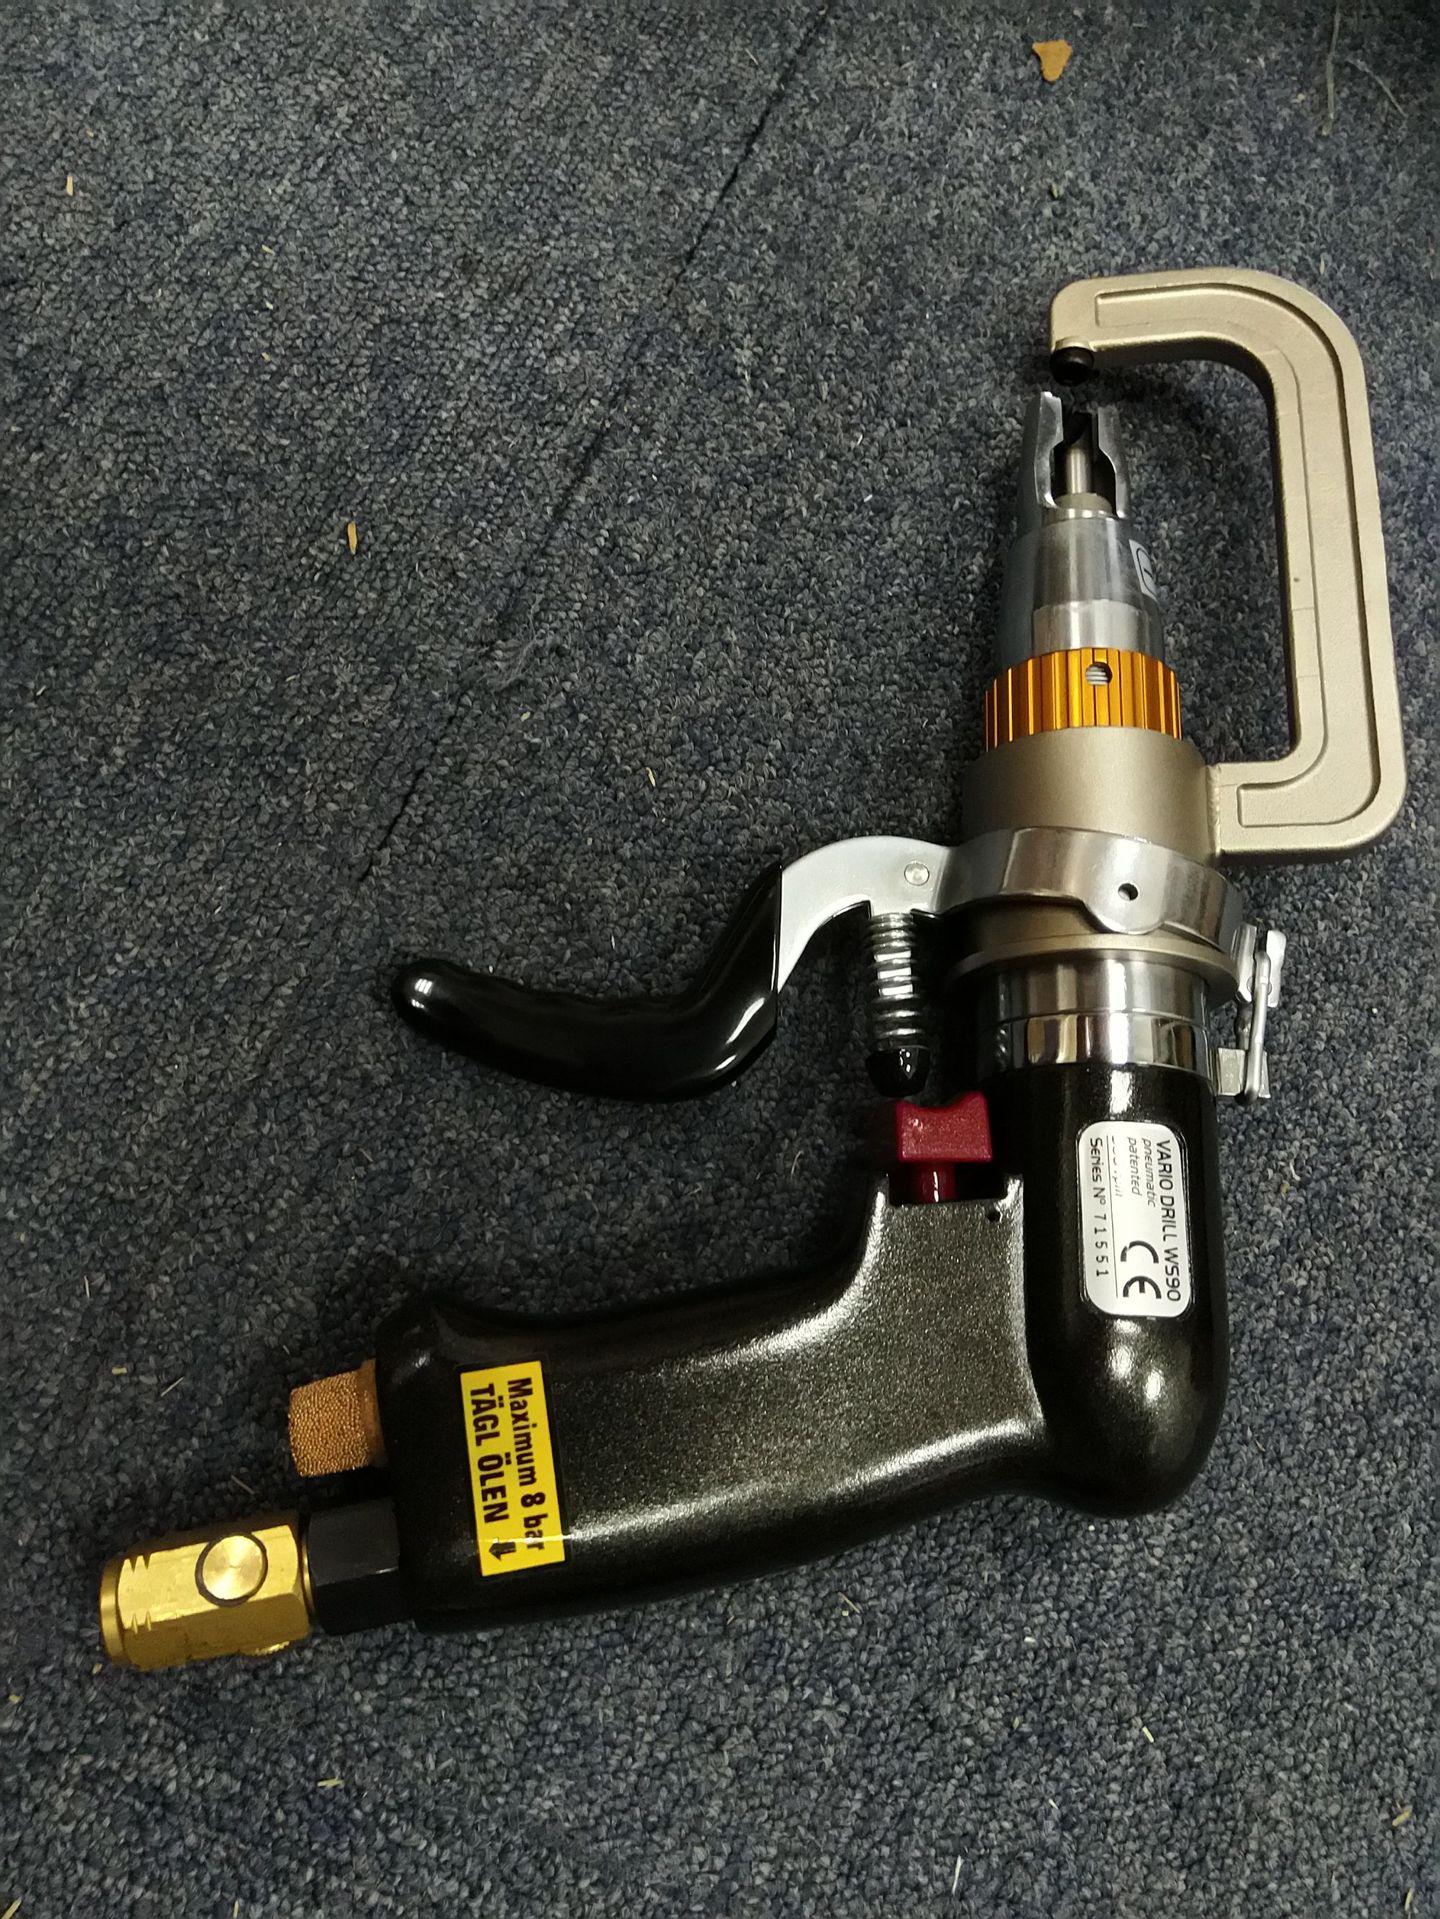 Công cụ bảo trì xe của Đức W+Máy lưu động 104070... chốt kiểm soát nhắc: